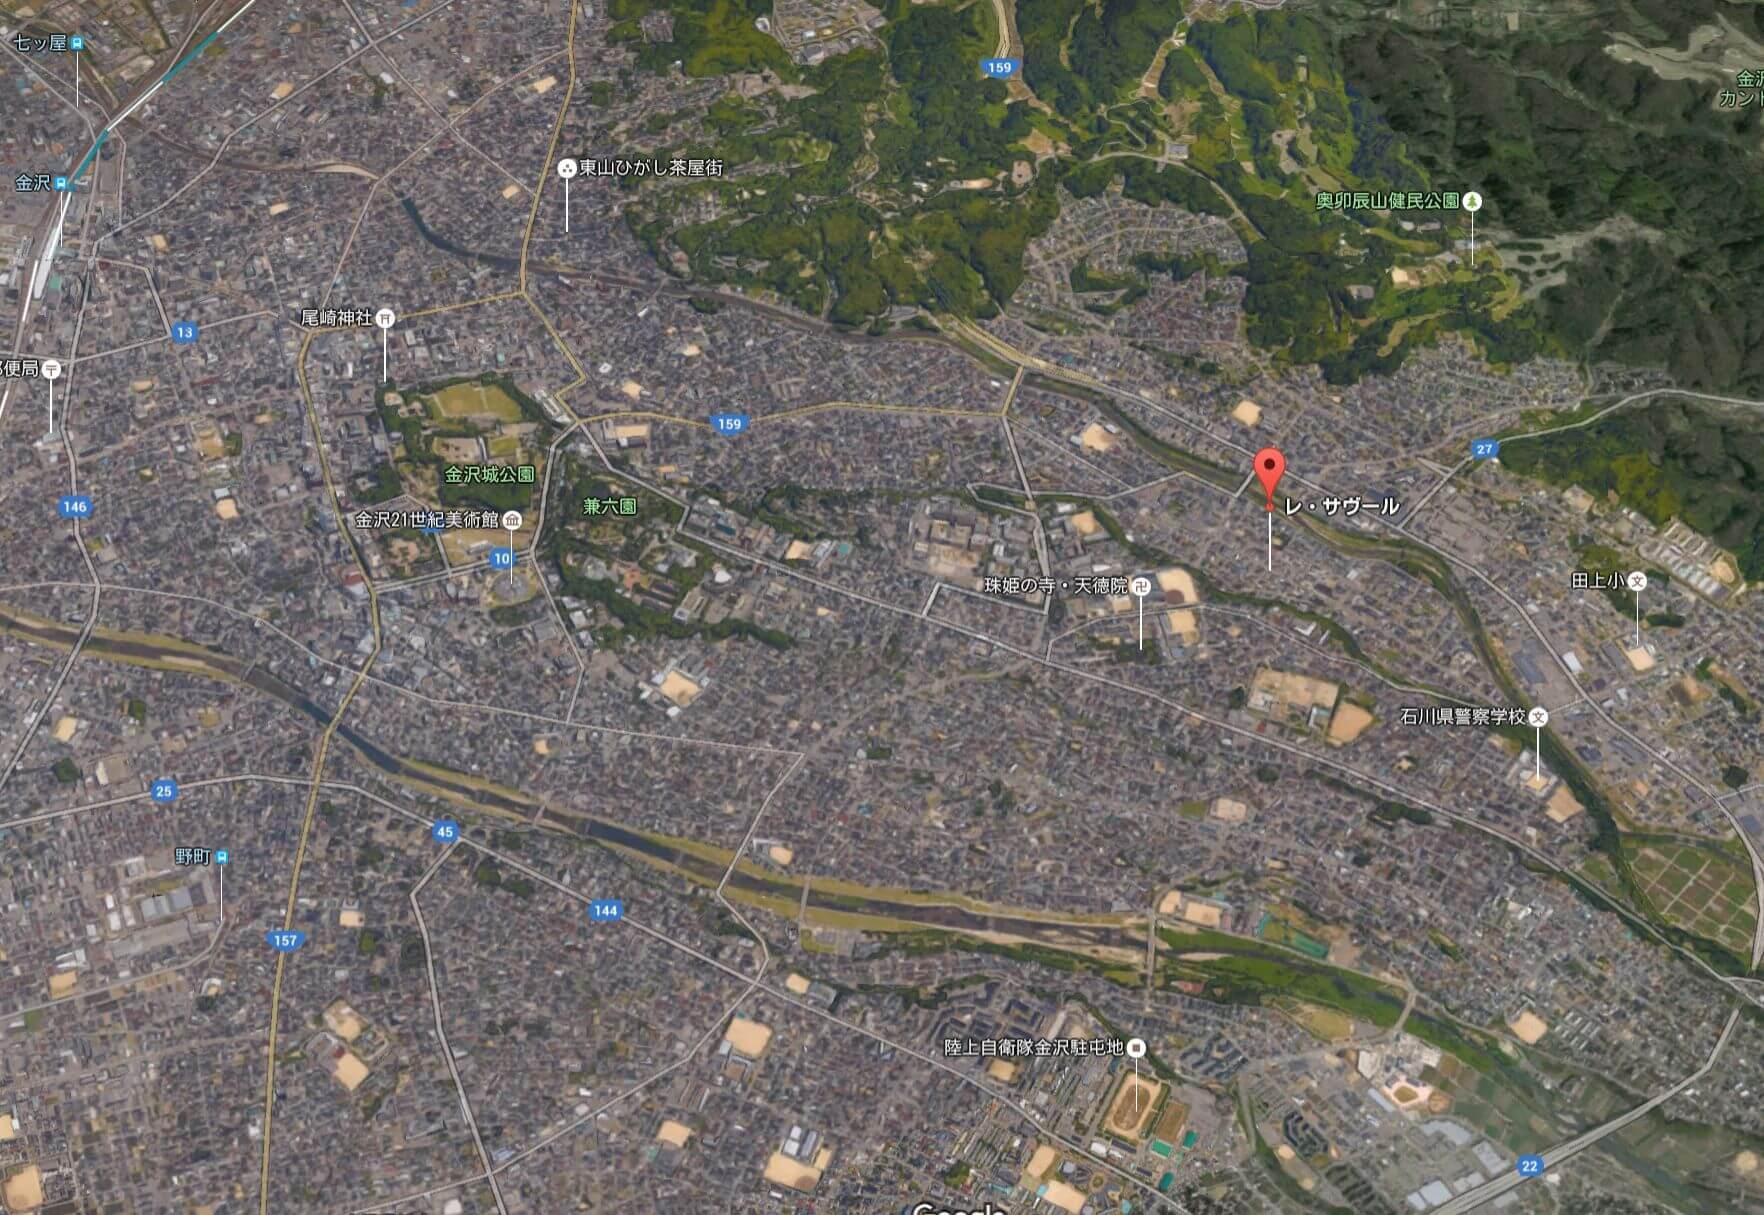 Google Earthで見た金沢中心市街地